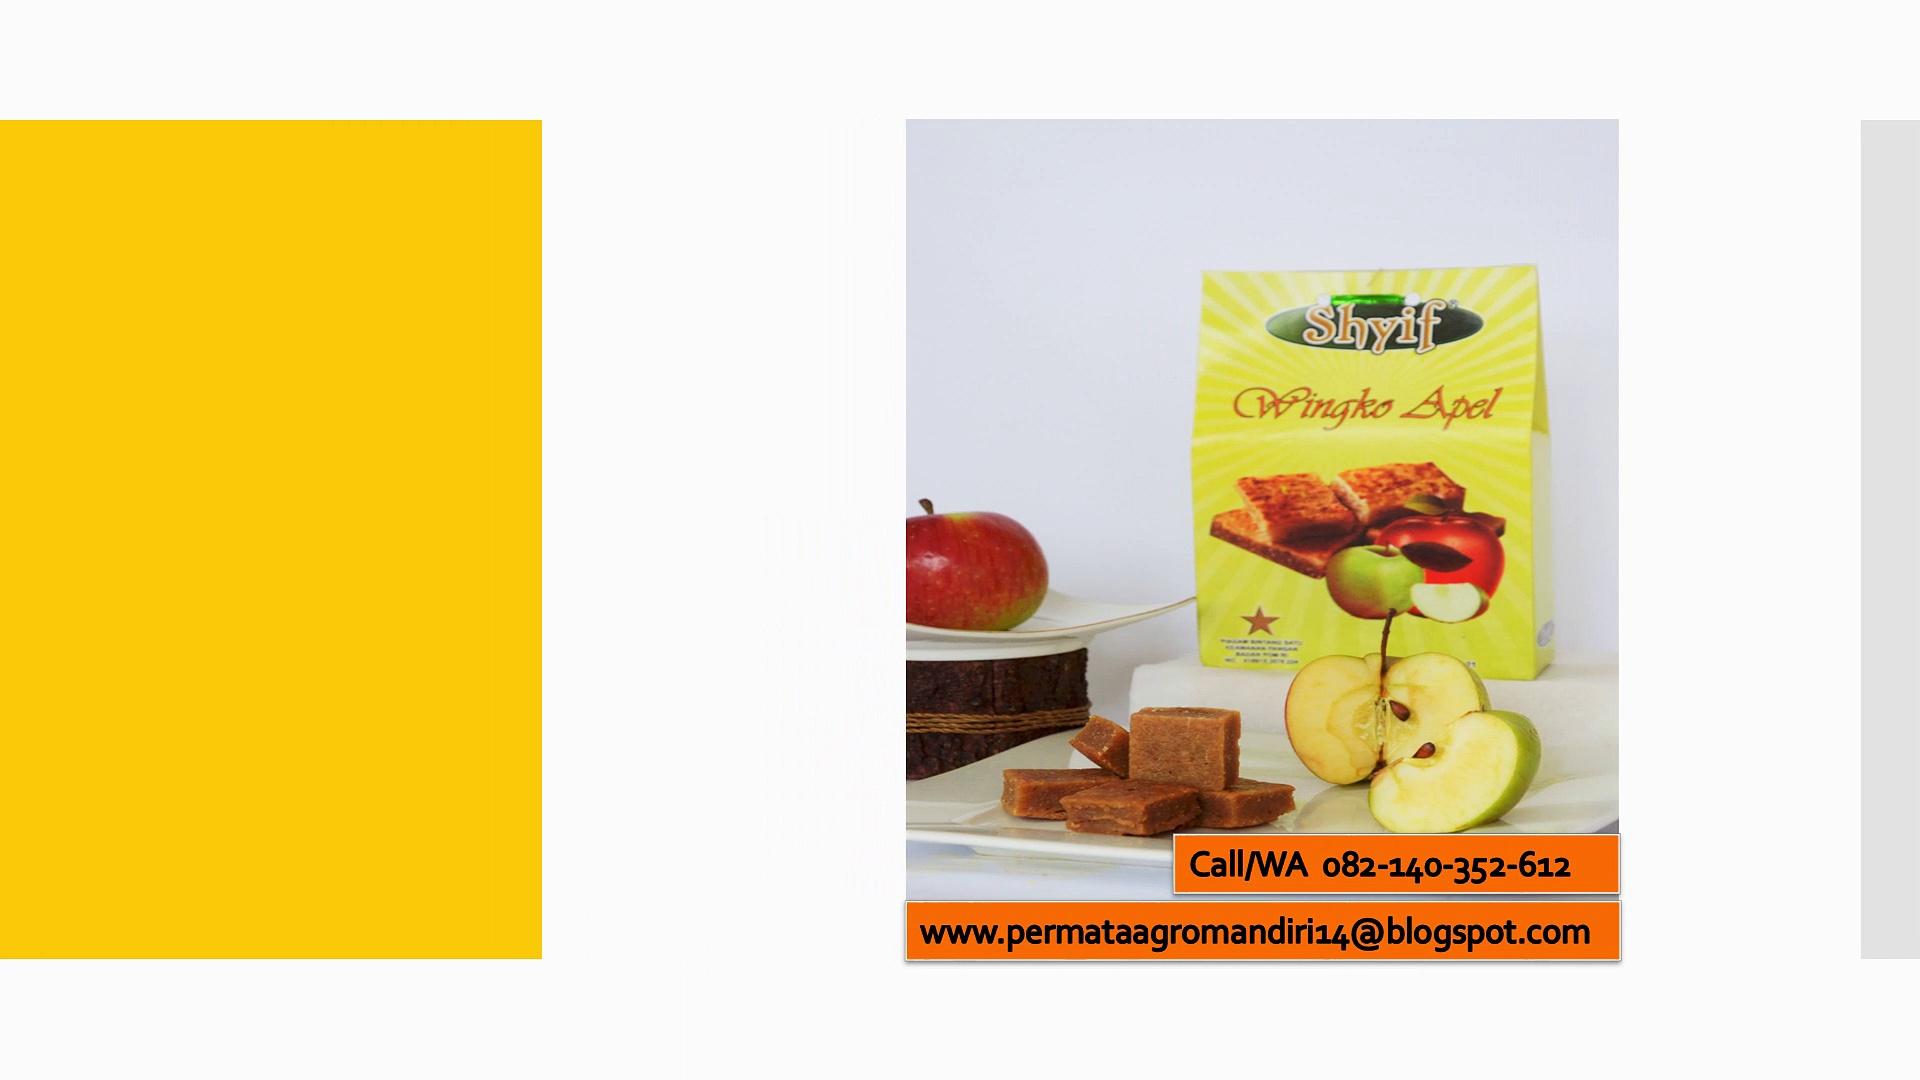 Call/WA 082-140-352-612 Produsen Pia Apple, Distributor Pia Apple, Agen Pia Apple,